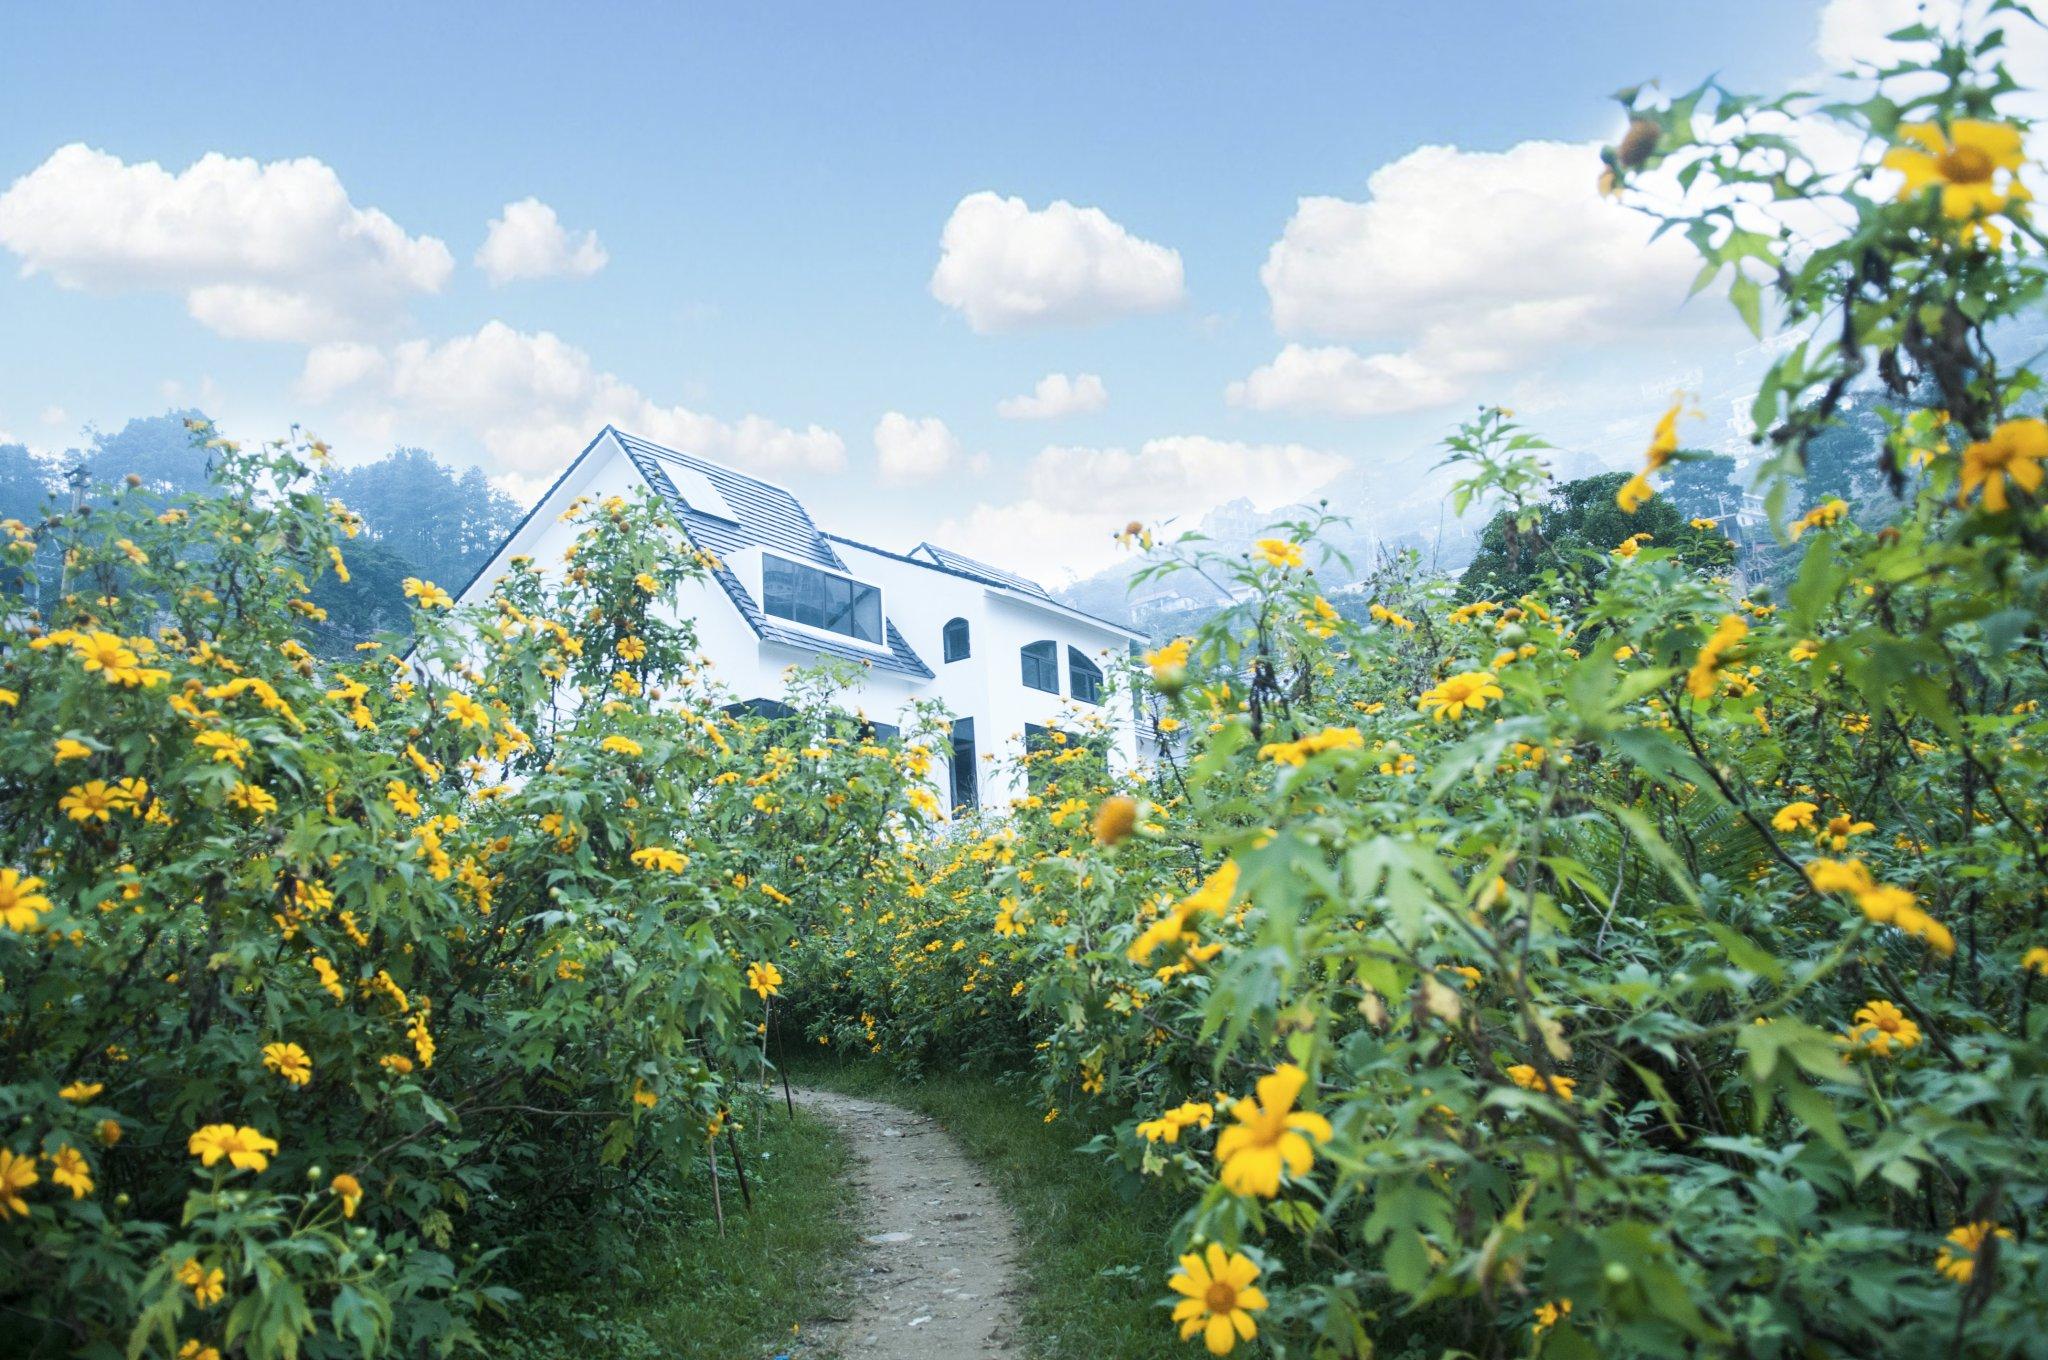 31 Villa Homestay Tam Đảo Vĩnh Phúc giá rẻ đẹp có hồ bơi nên nghỉ dưỡng